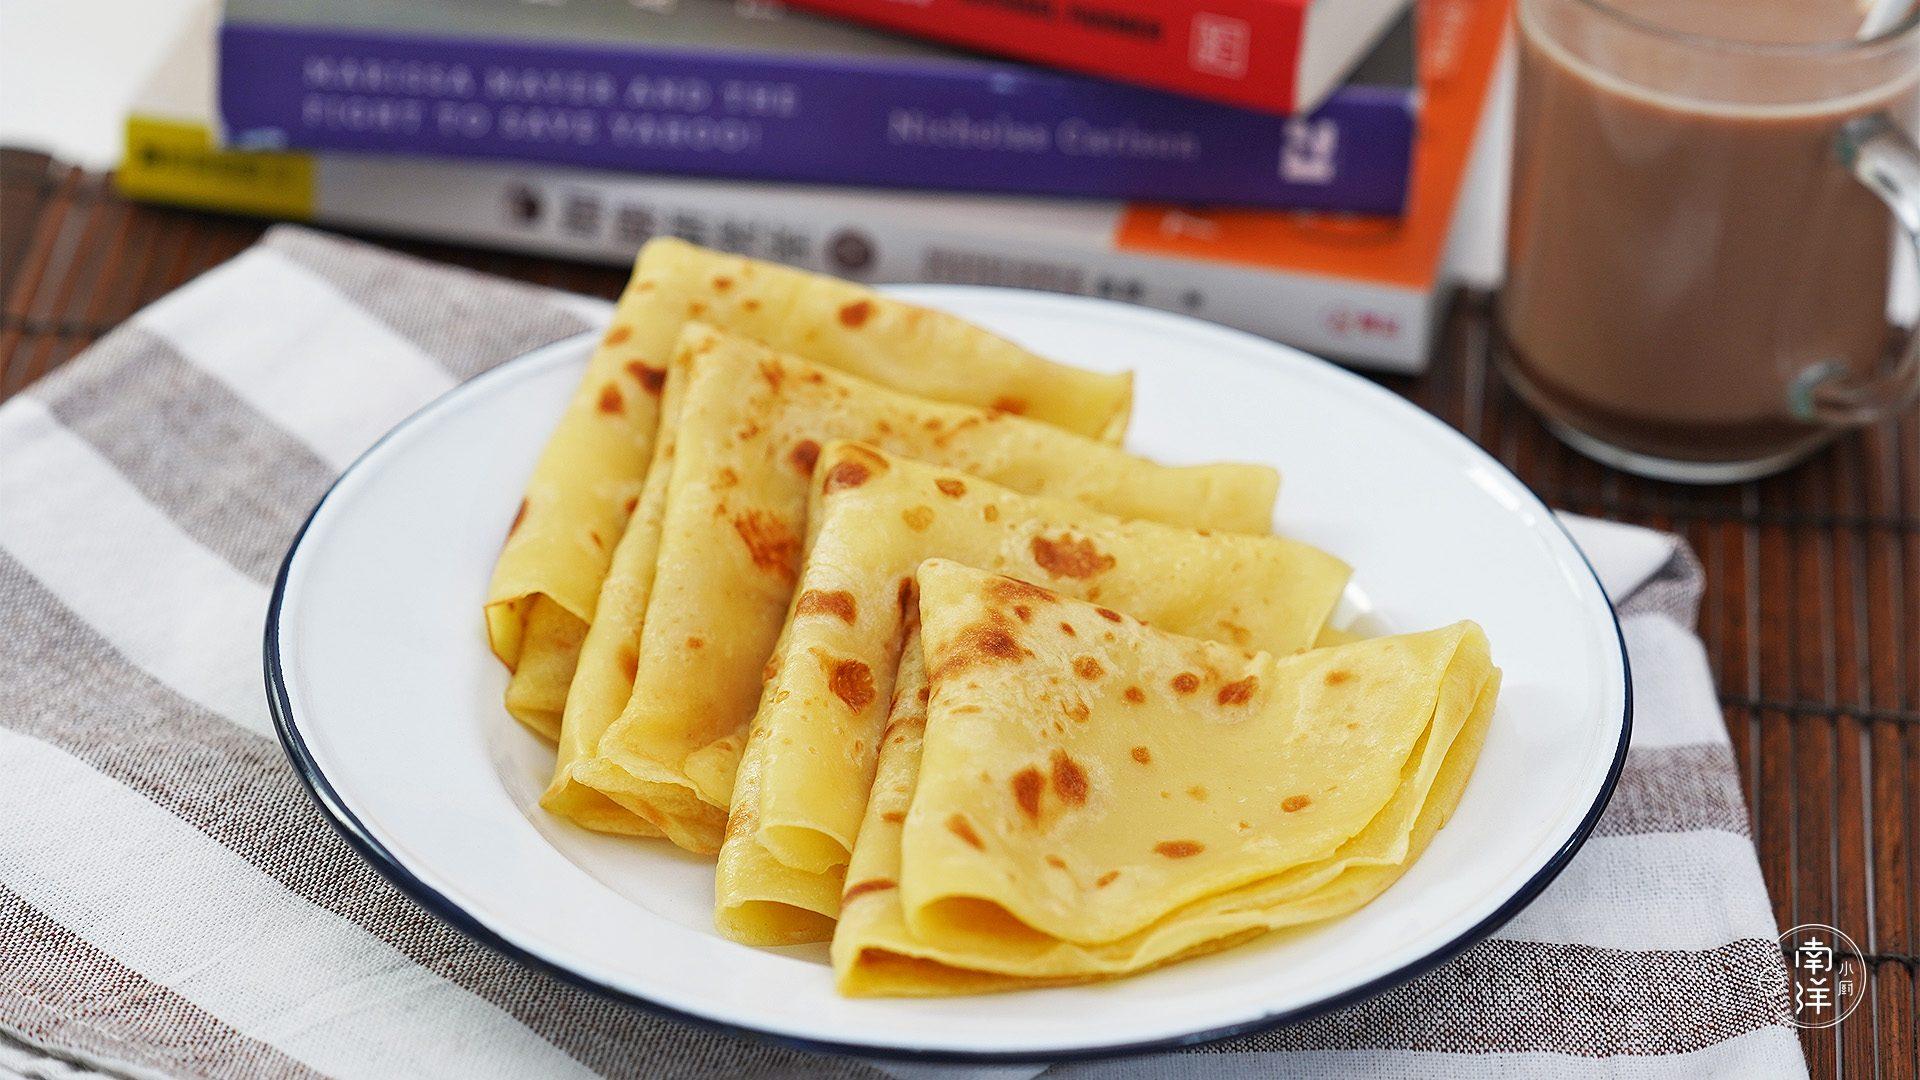 煎面粉糕 Traditional Fried Mee Hoon Kueh